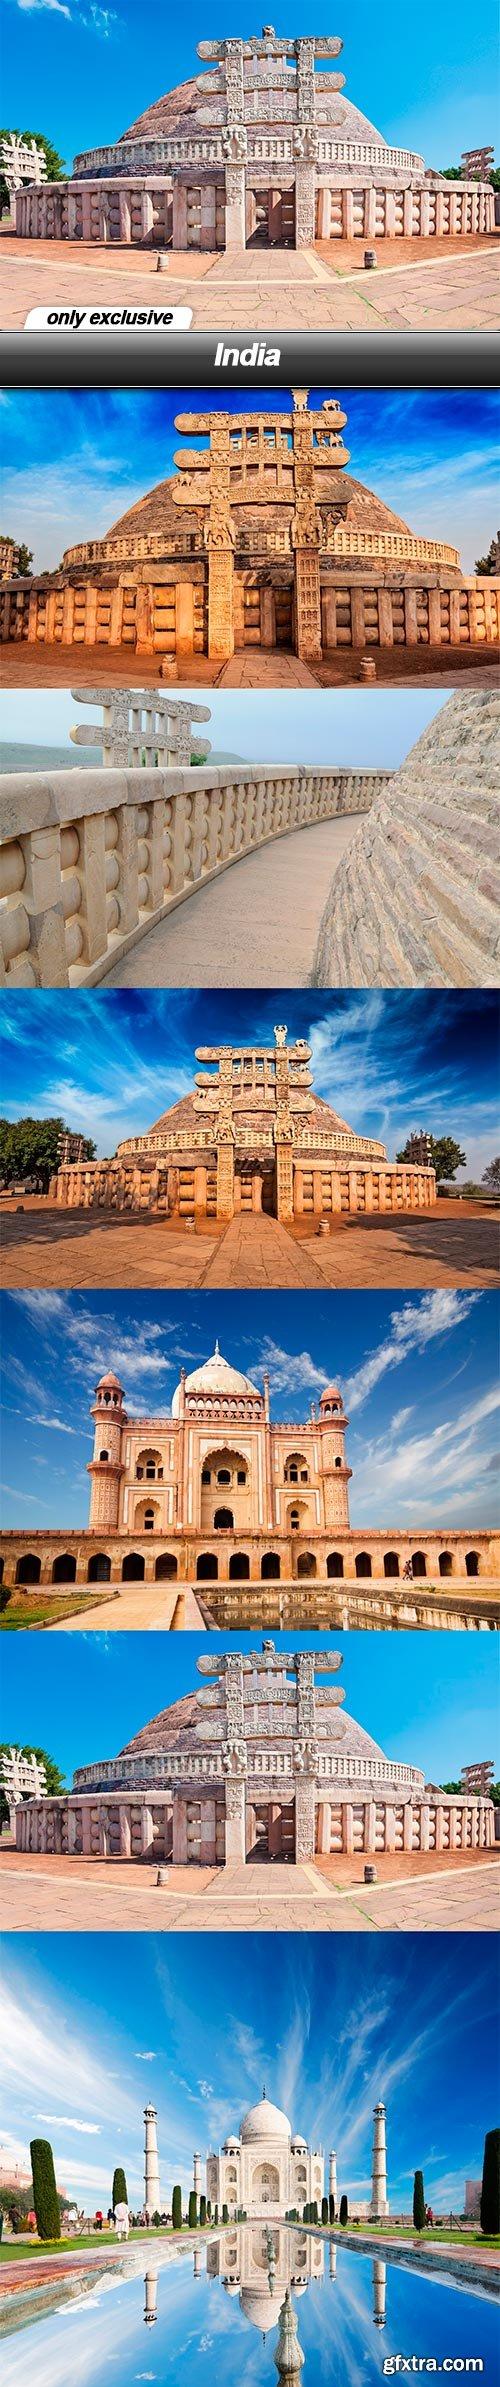 India - 6 UHQ JPEG